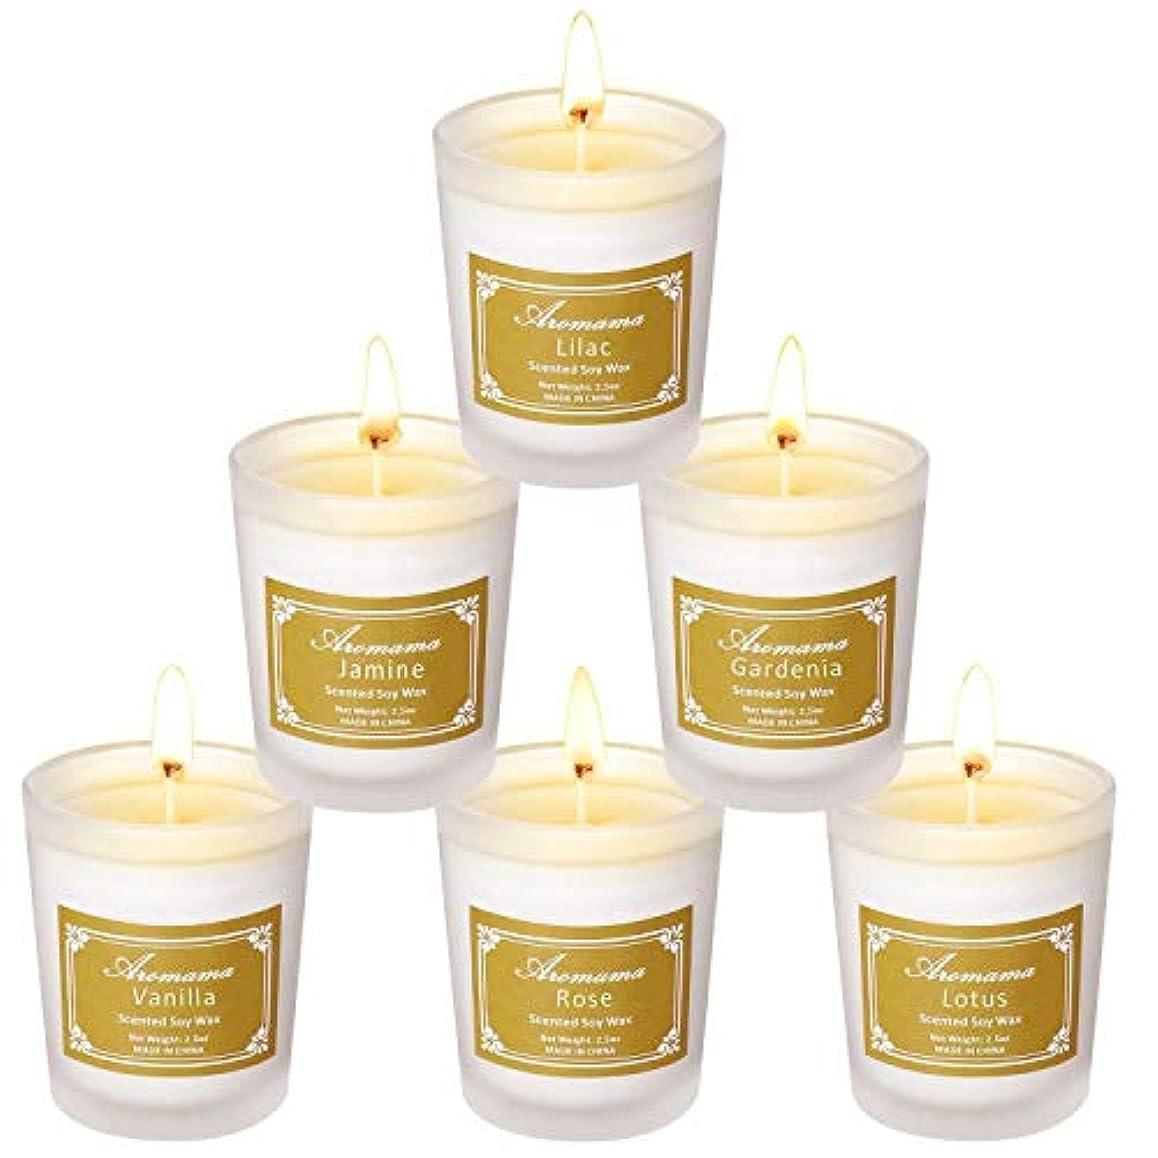 盲信比較有益なLucy Day 香りのキャンドルナチュラルソイワックスキャンドルグラスアロマの6セット